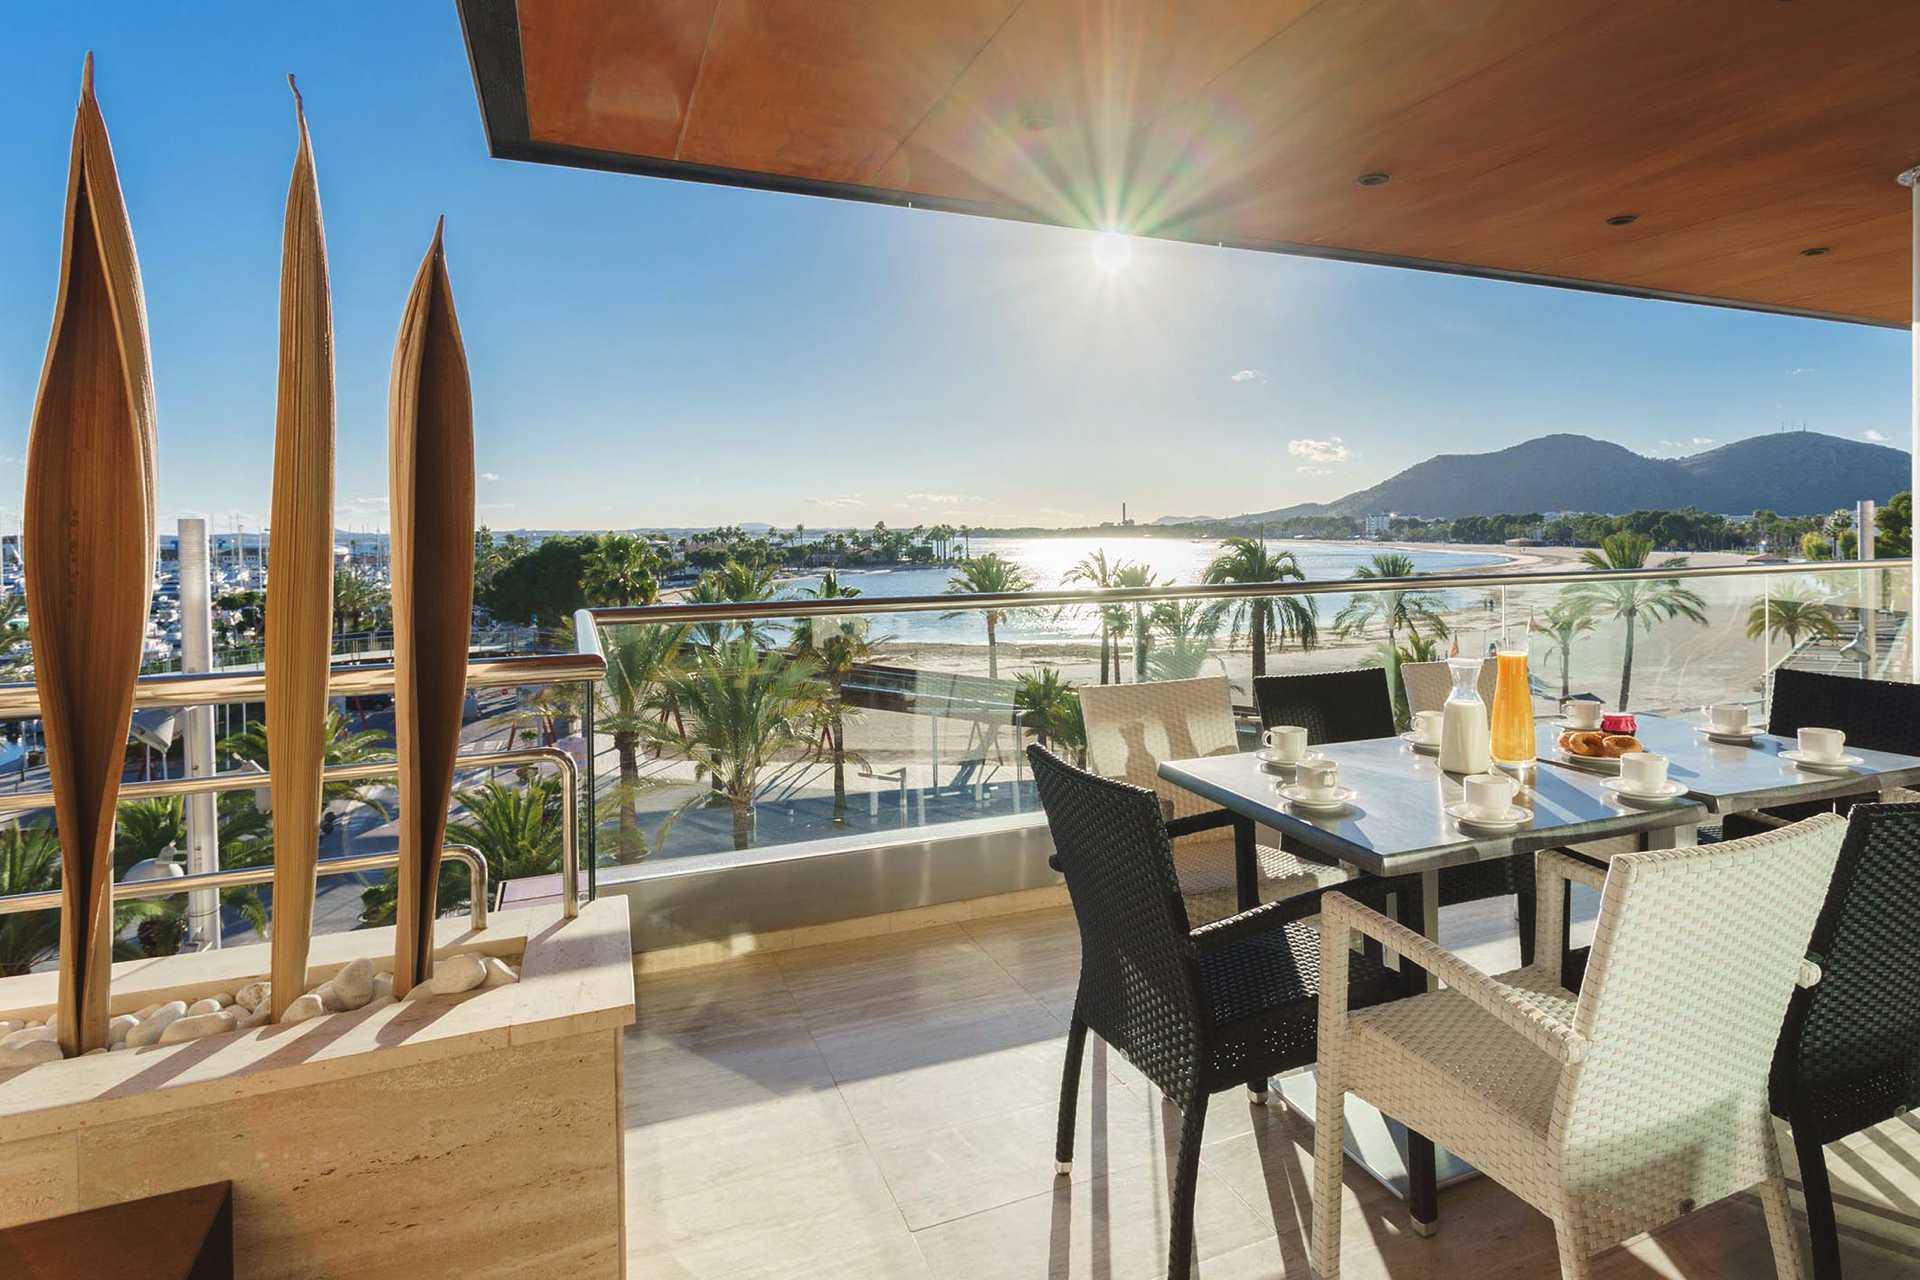 01-291 exclusive apartment Mallorca north Bild 1